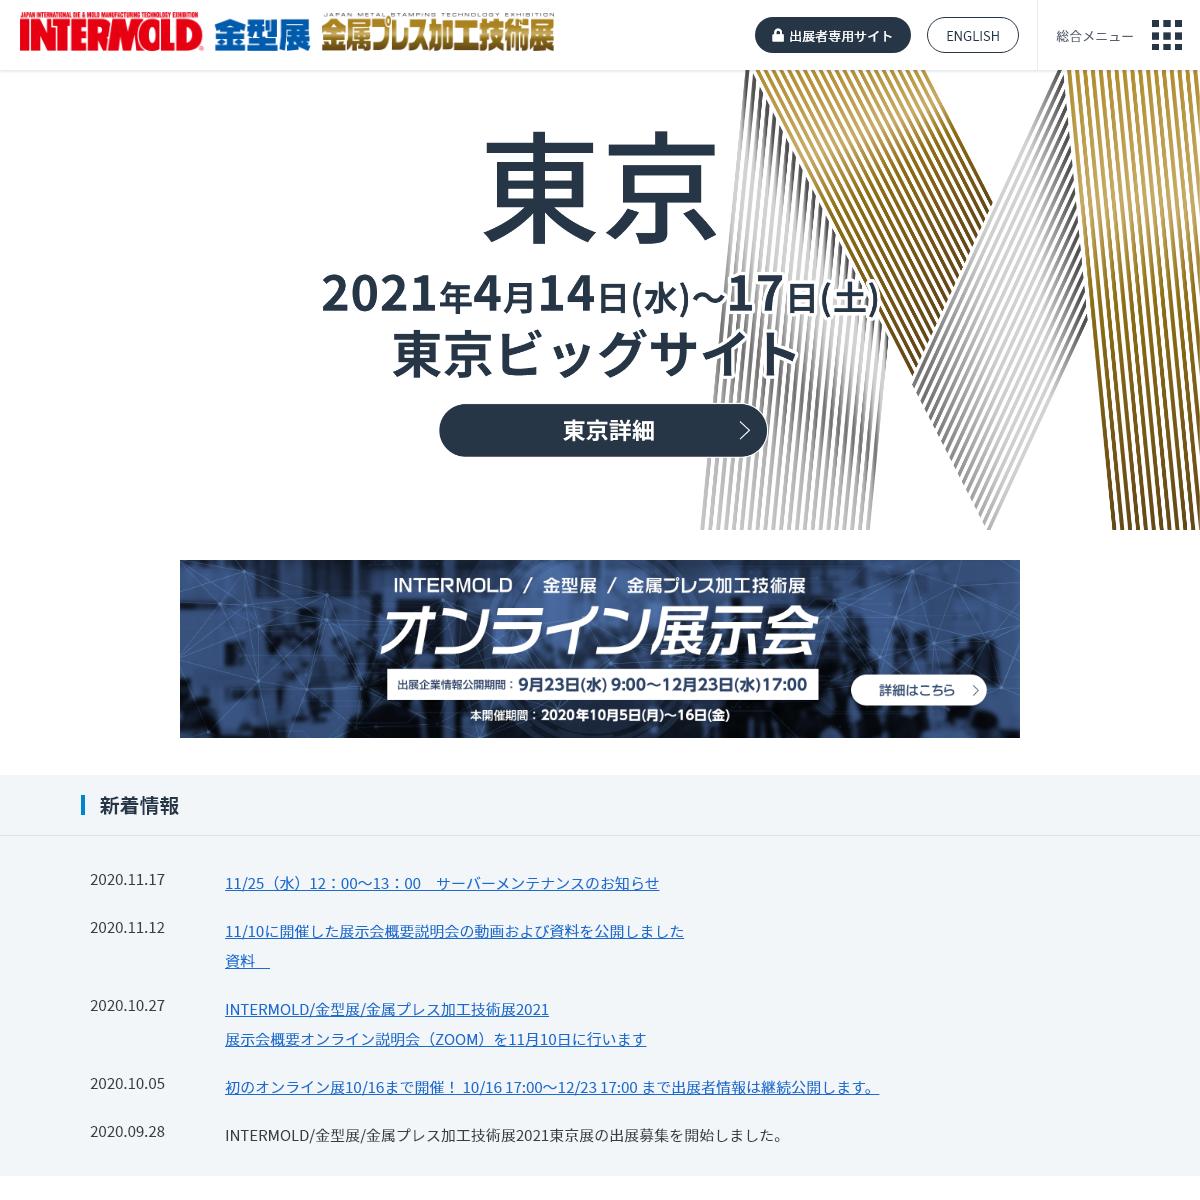 インターモールド-金型展-金属プレス加工技術展